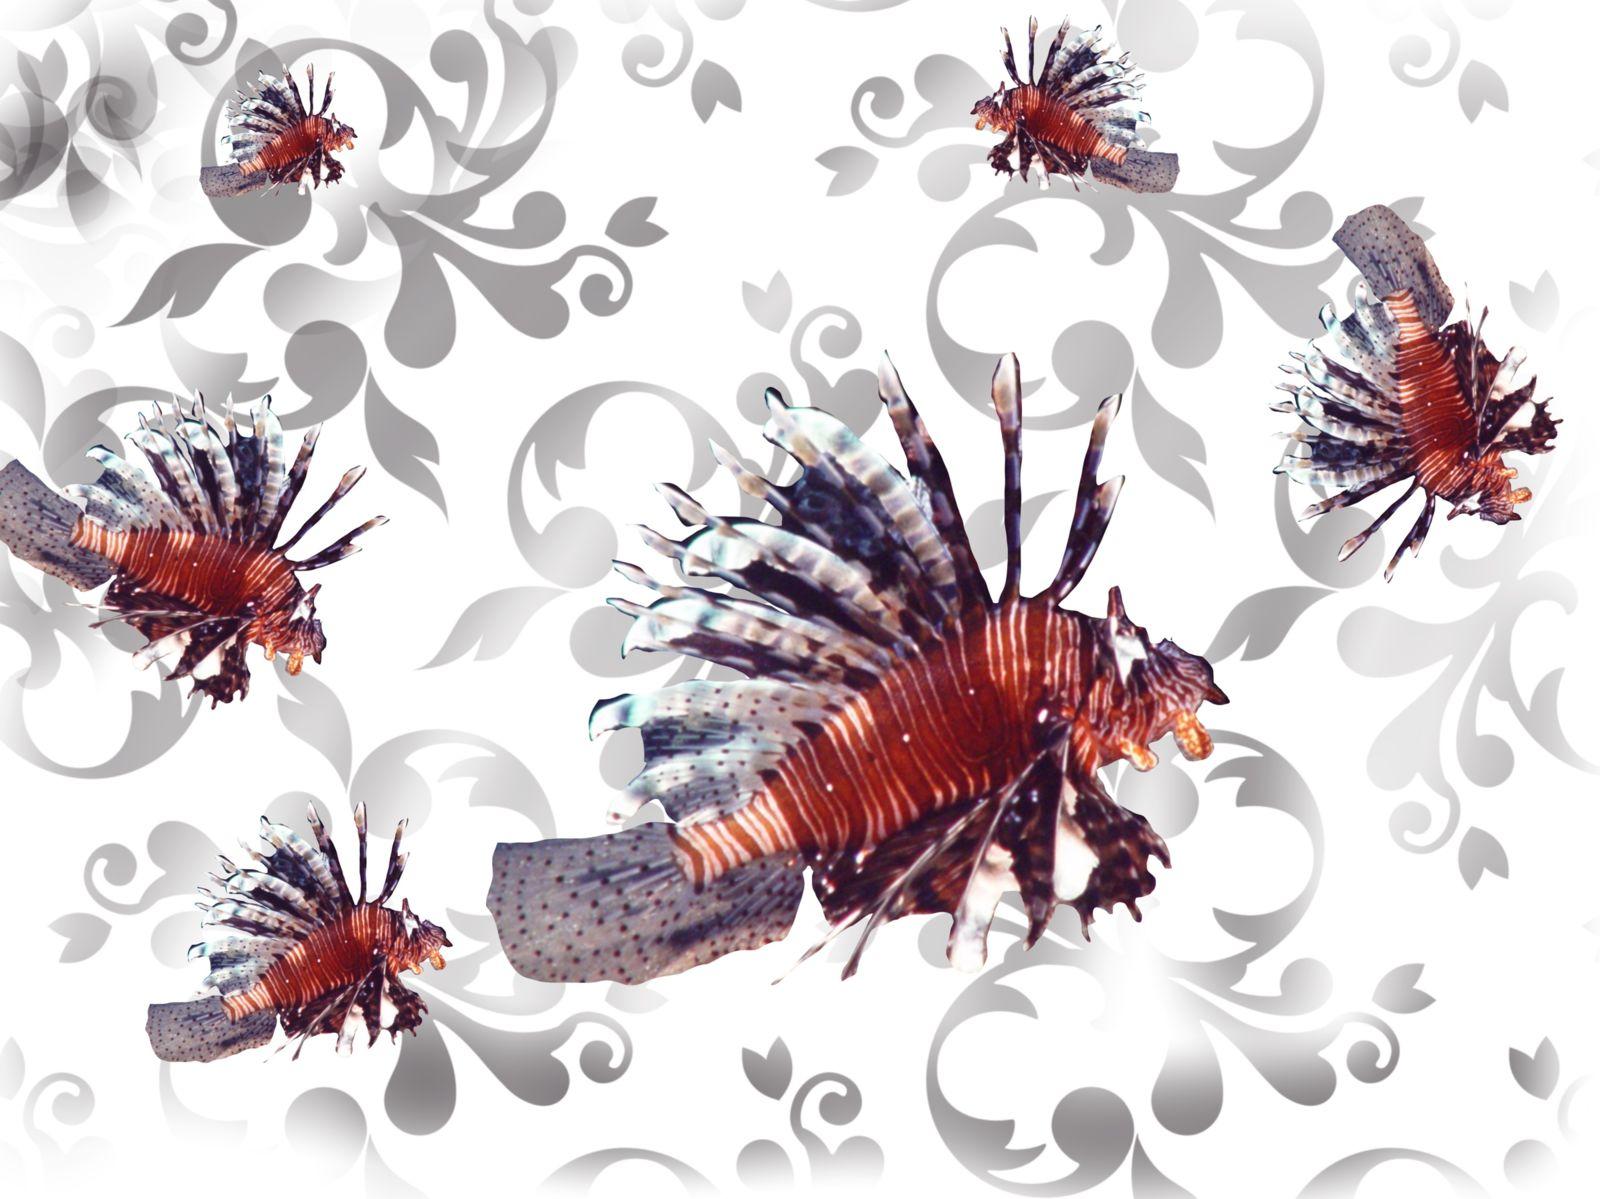 Rotfeuerfisch auf digitalen Blüten